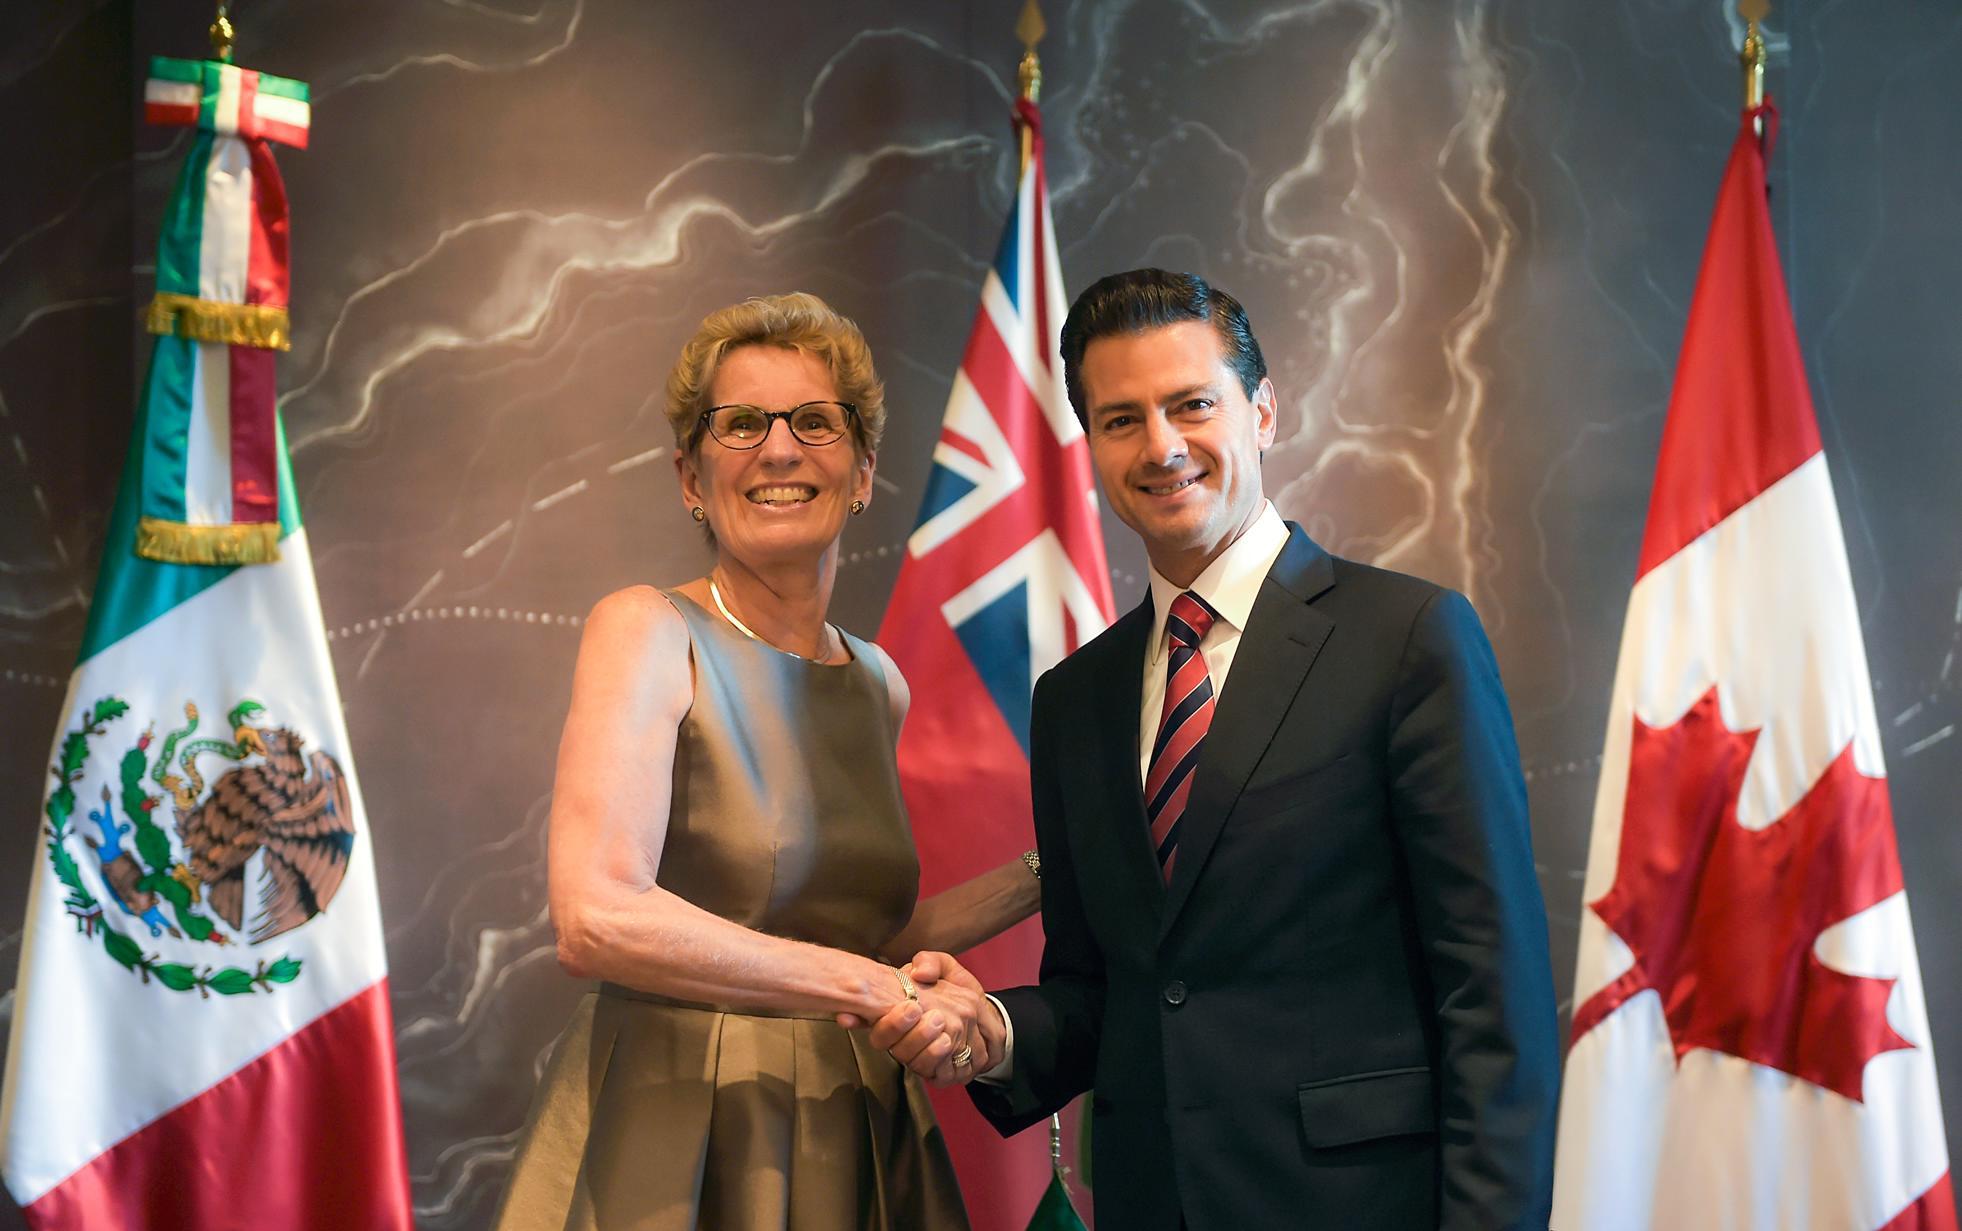 El Primer Mandatario mexicano se reunió también con Kathleen Wynne, Premier de la Provincia de Ontario.